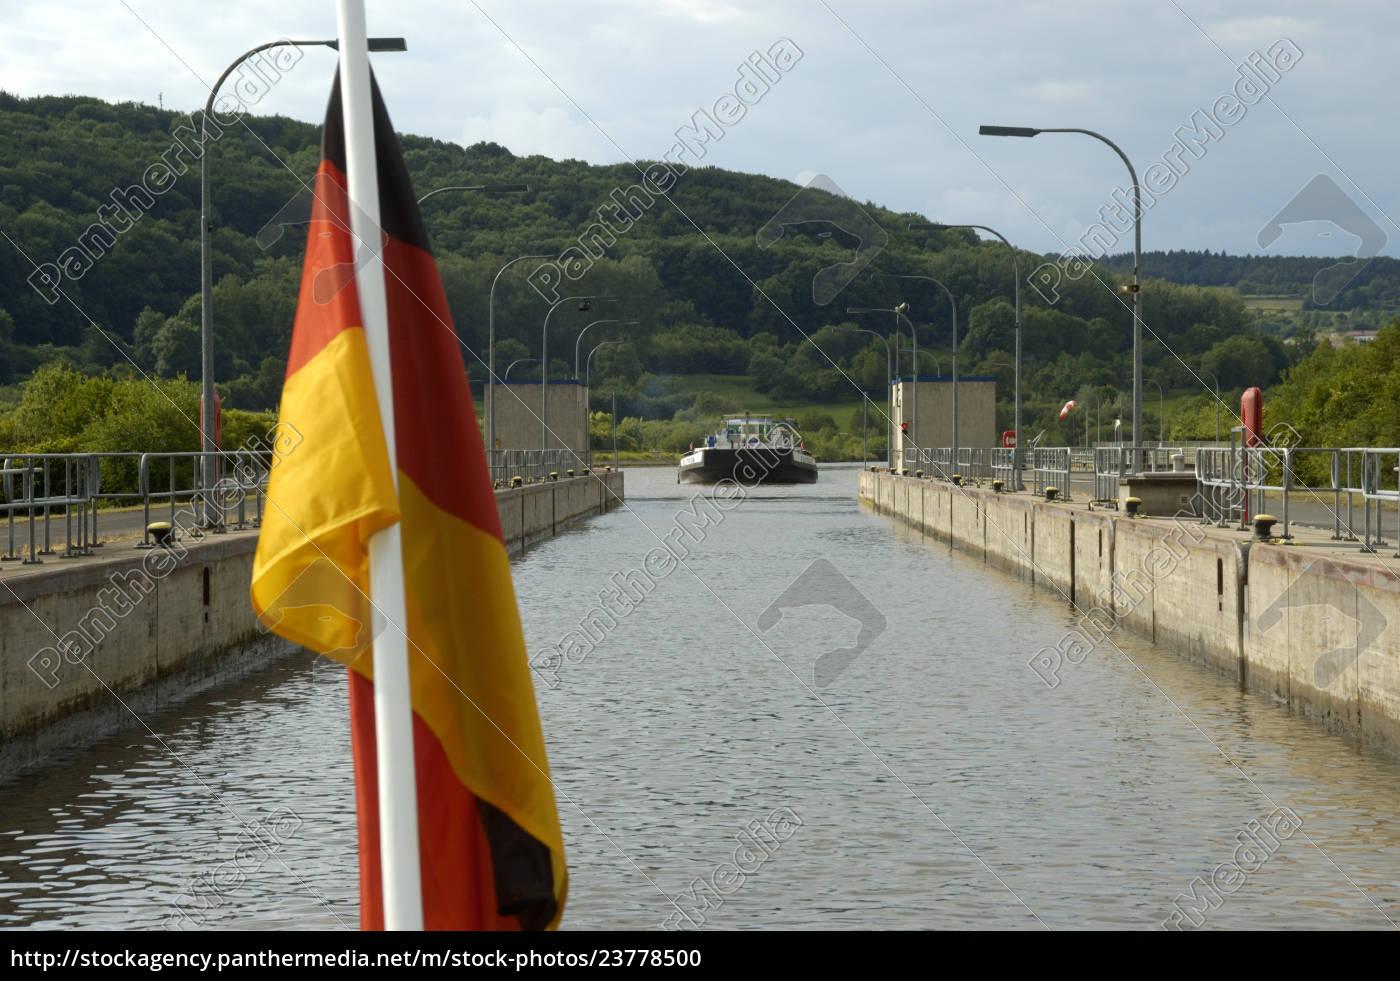 deutsche, nationalflagge, vor, einer, schleuse, mit - 23778500